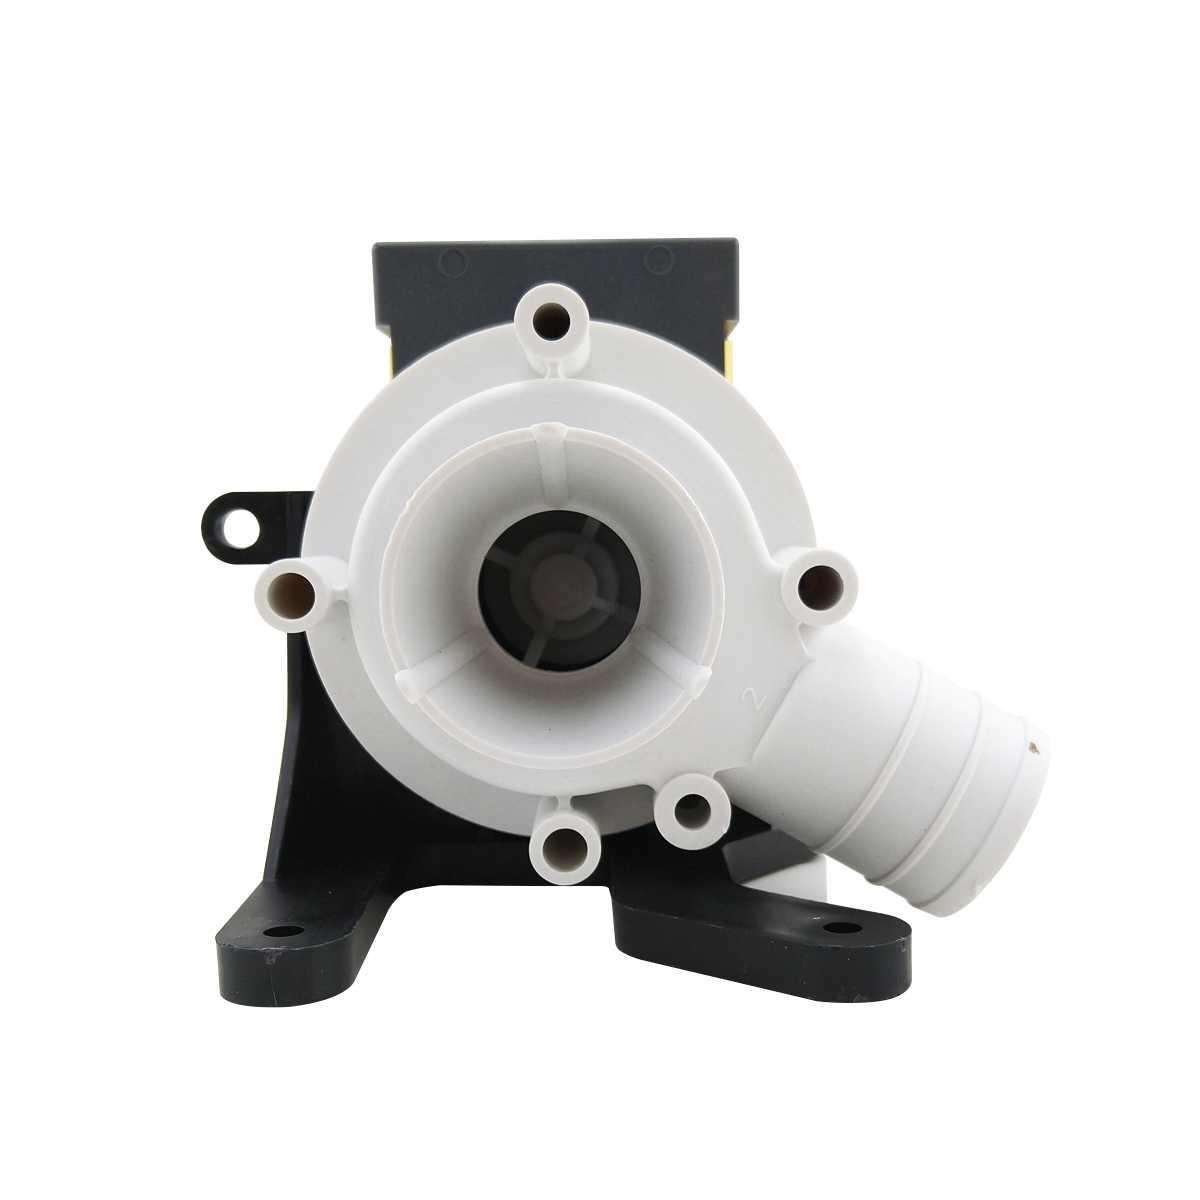 Eletrobomba com suporte lavadora Electrolux 127v